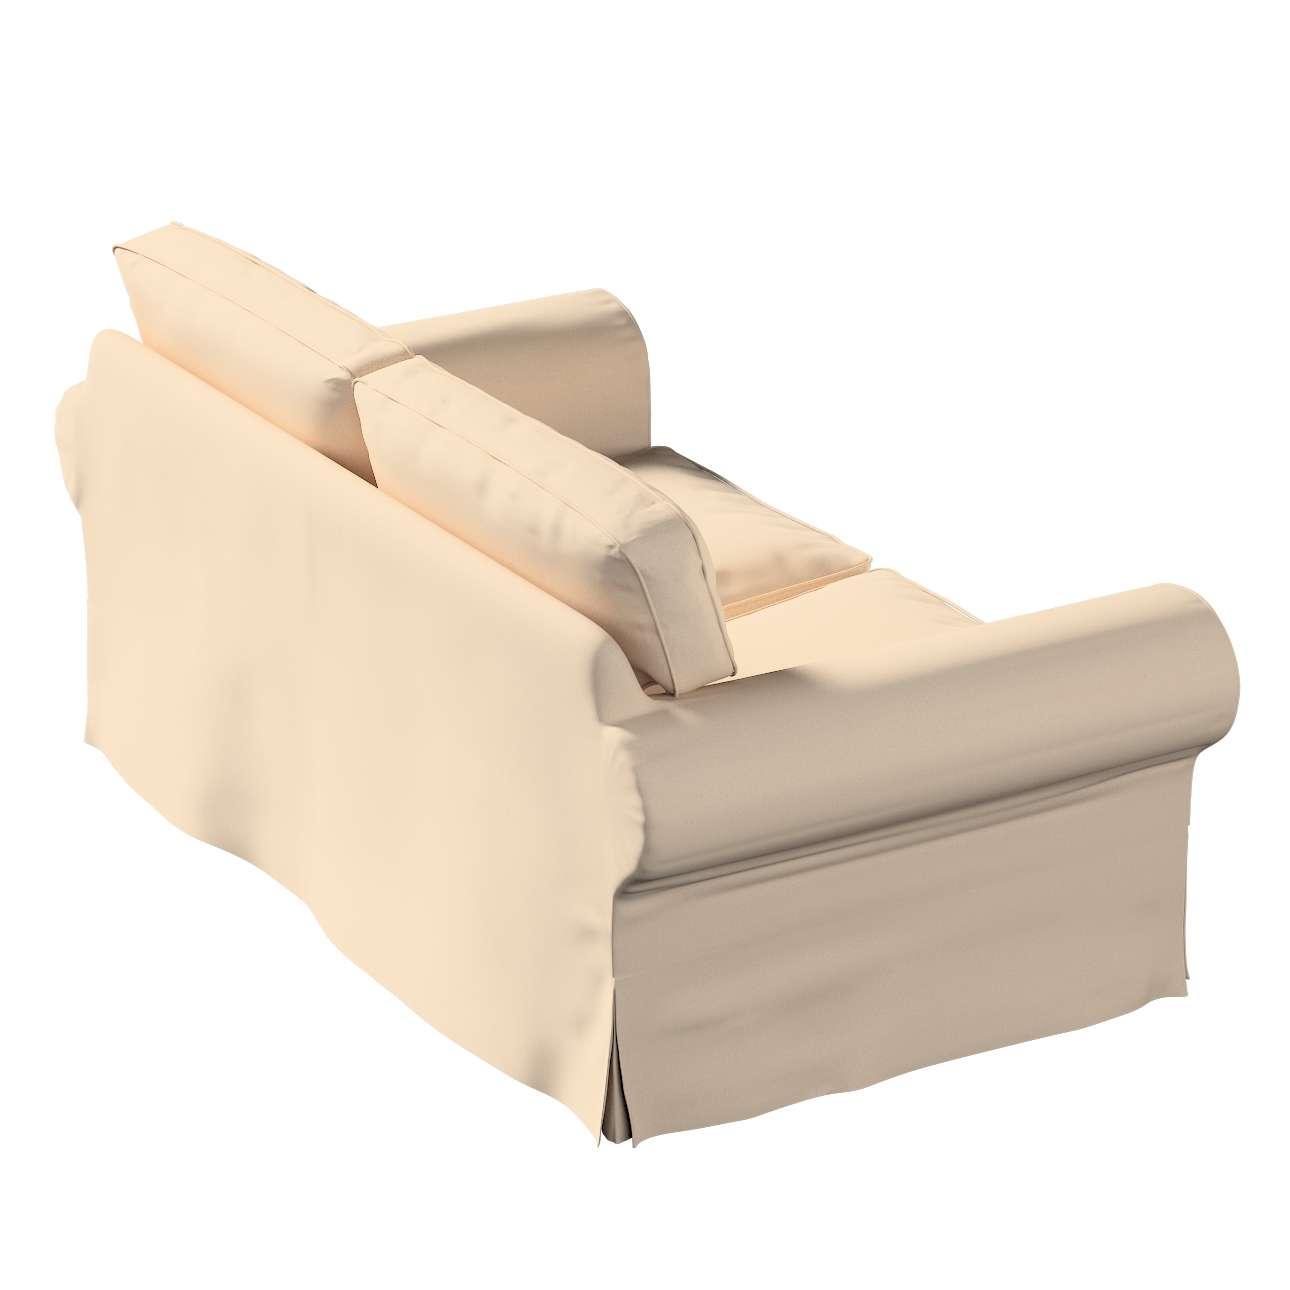 Poťah na sedačku Ektorp (rozkladacia, pre 2 osoby) NOVÝ MODEL 2012 V kolekcii Living, tkanina: 160-61